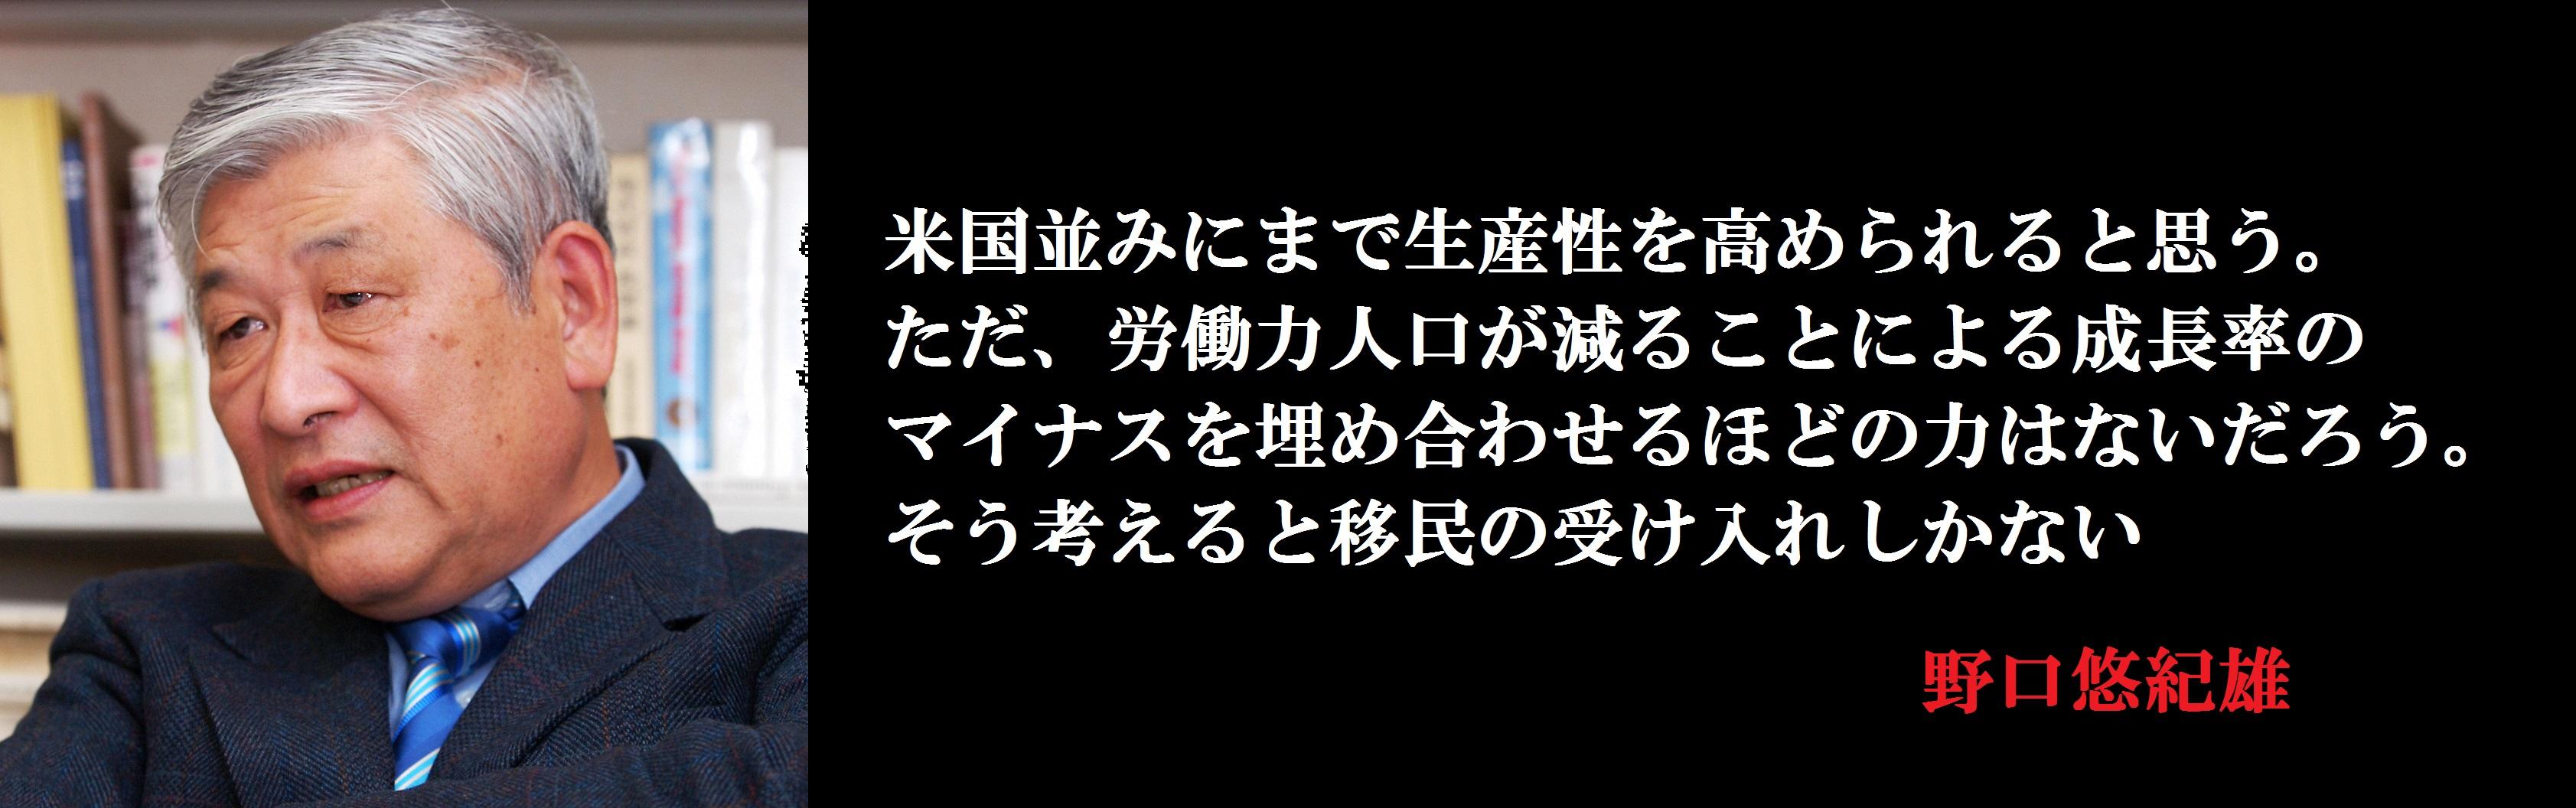 f:id:JAPbuster:20160911133408j:plain